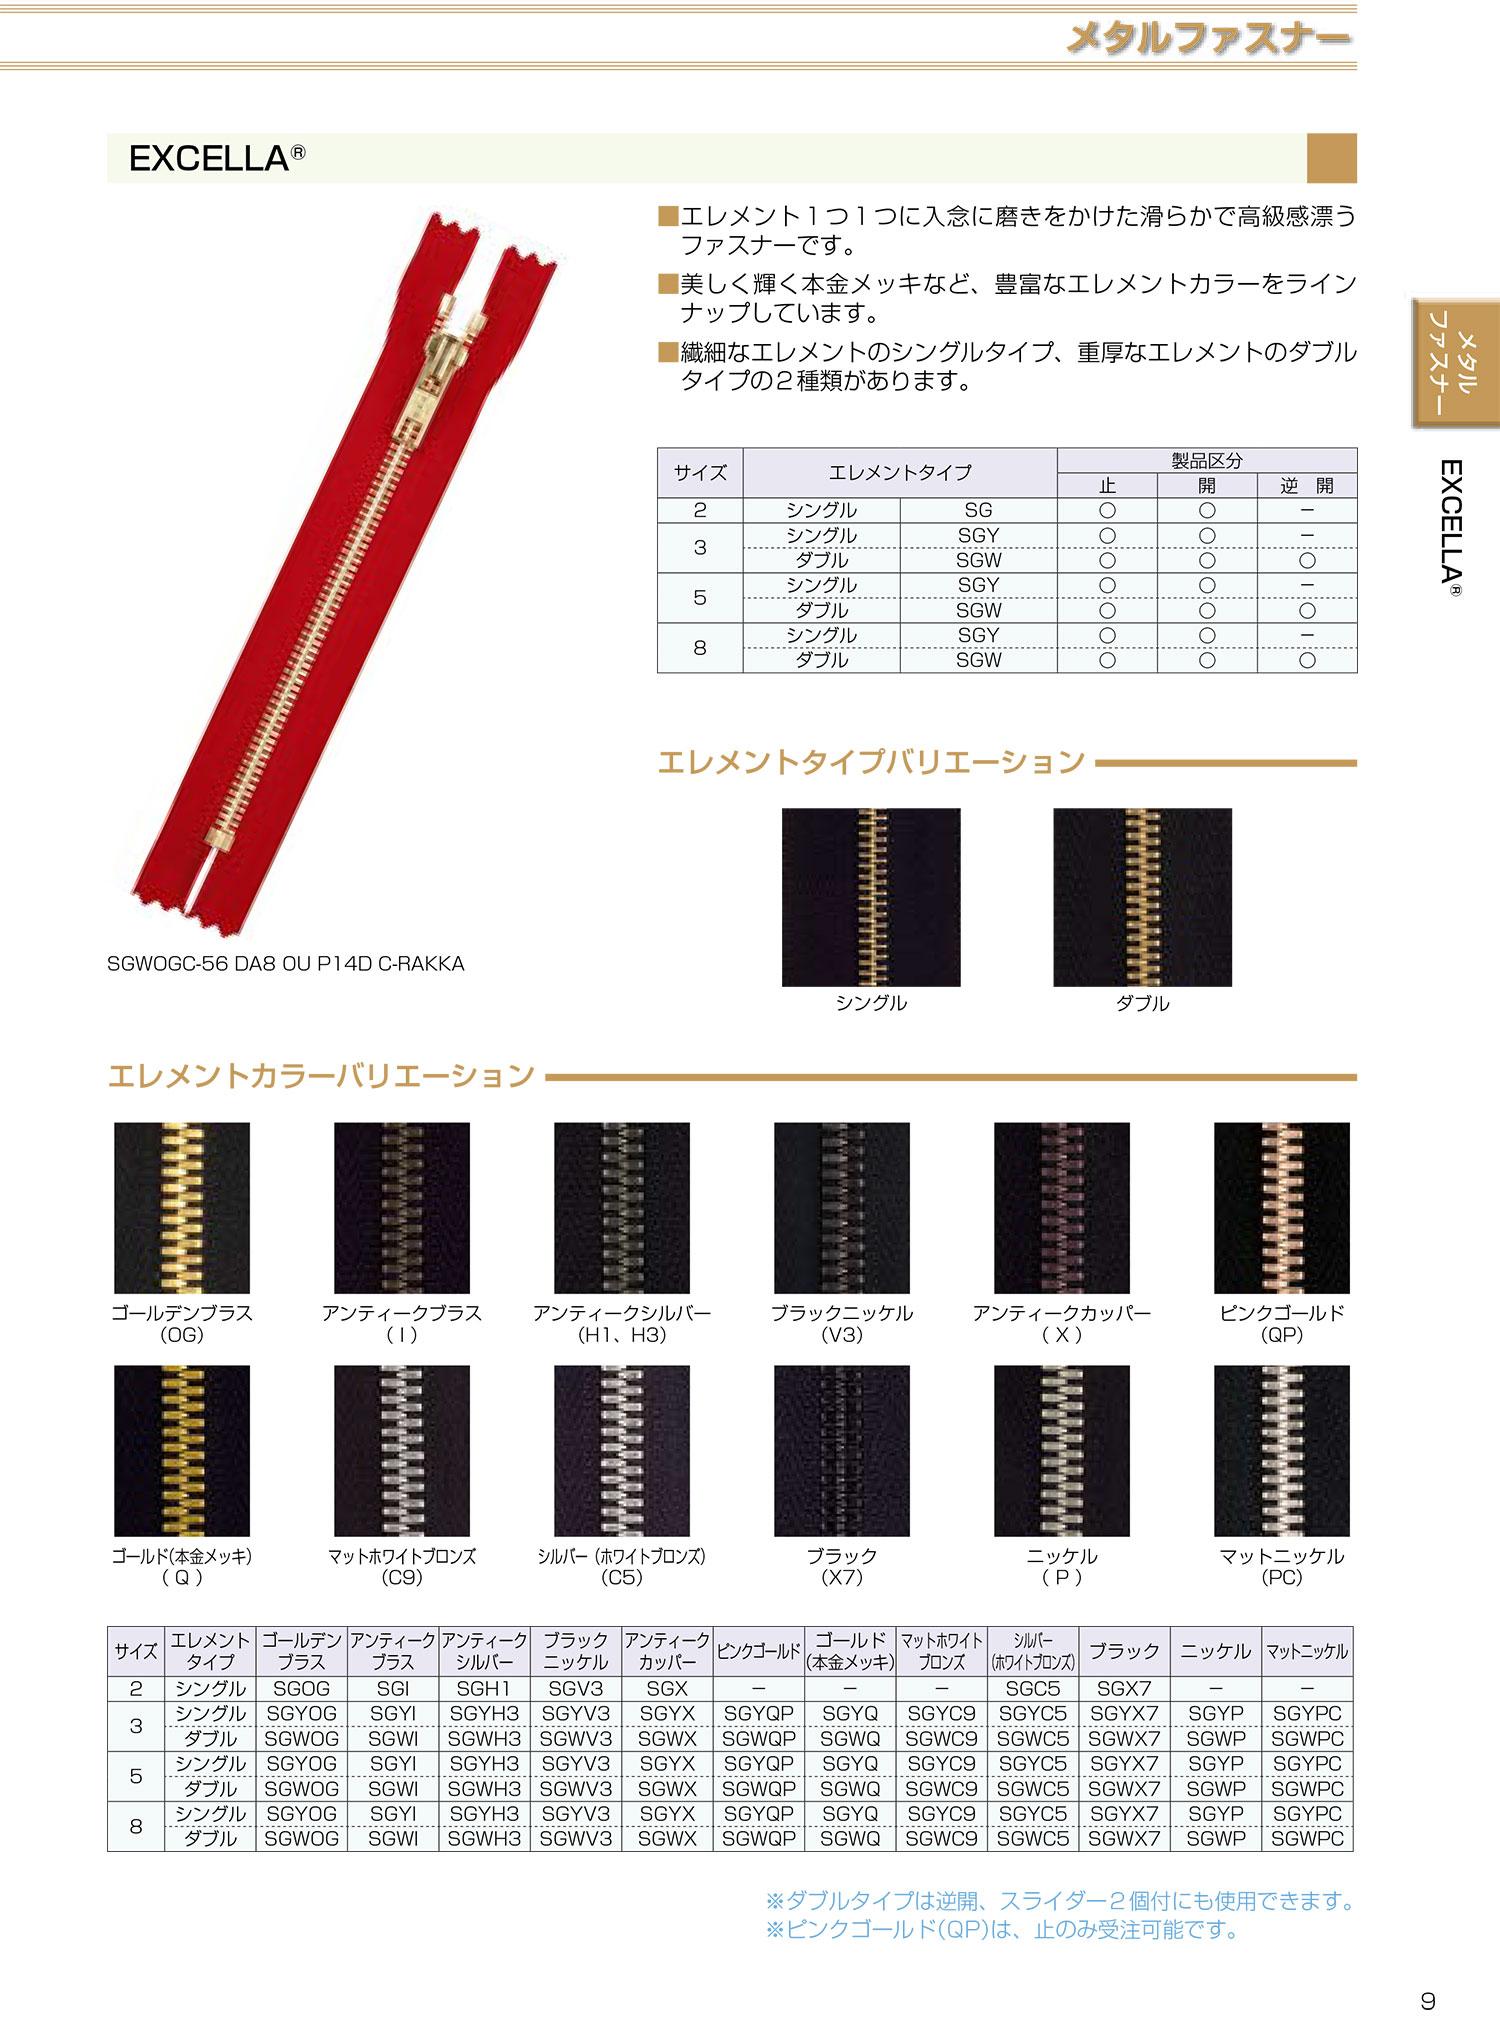 3SGWIMR エクセラ 3サイズ アンティークブラス 逆開 ダブル[ファスナー] YKK/オークラ商事 - ApparelX アパレル資材卸通販